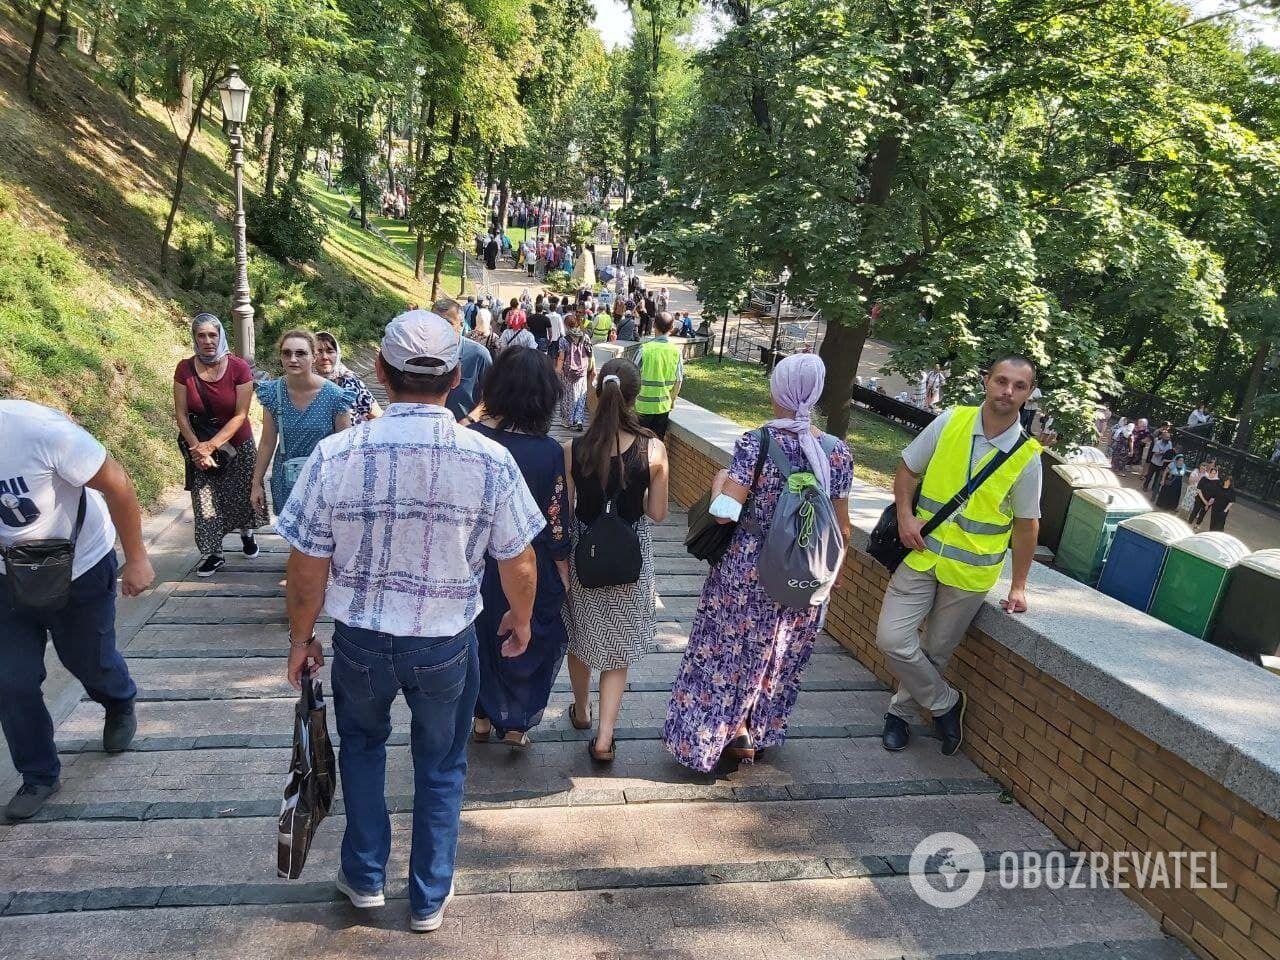 Паломники направляются к памятнику Владимиру Великому.